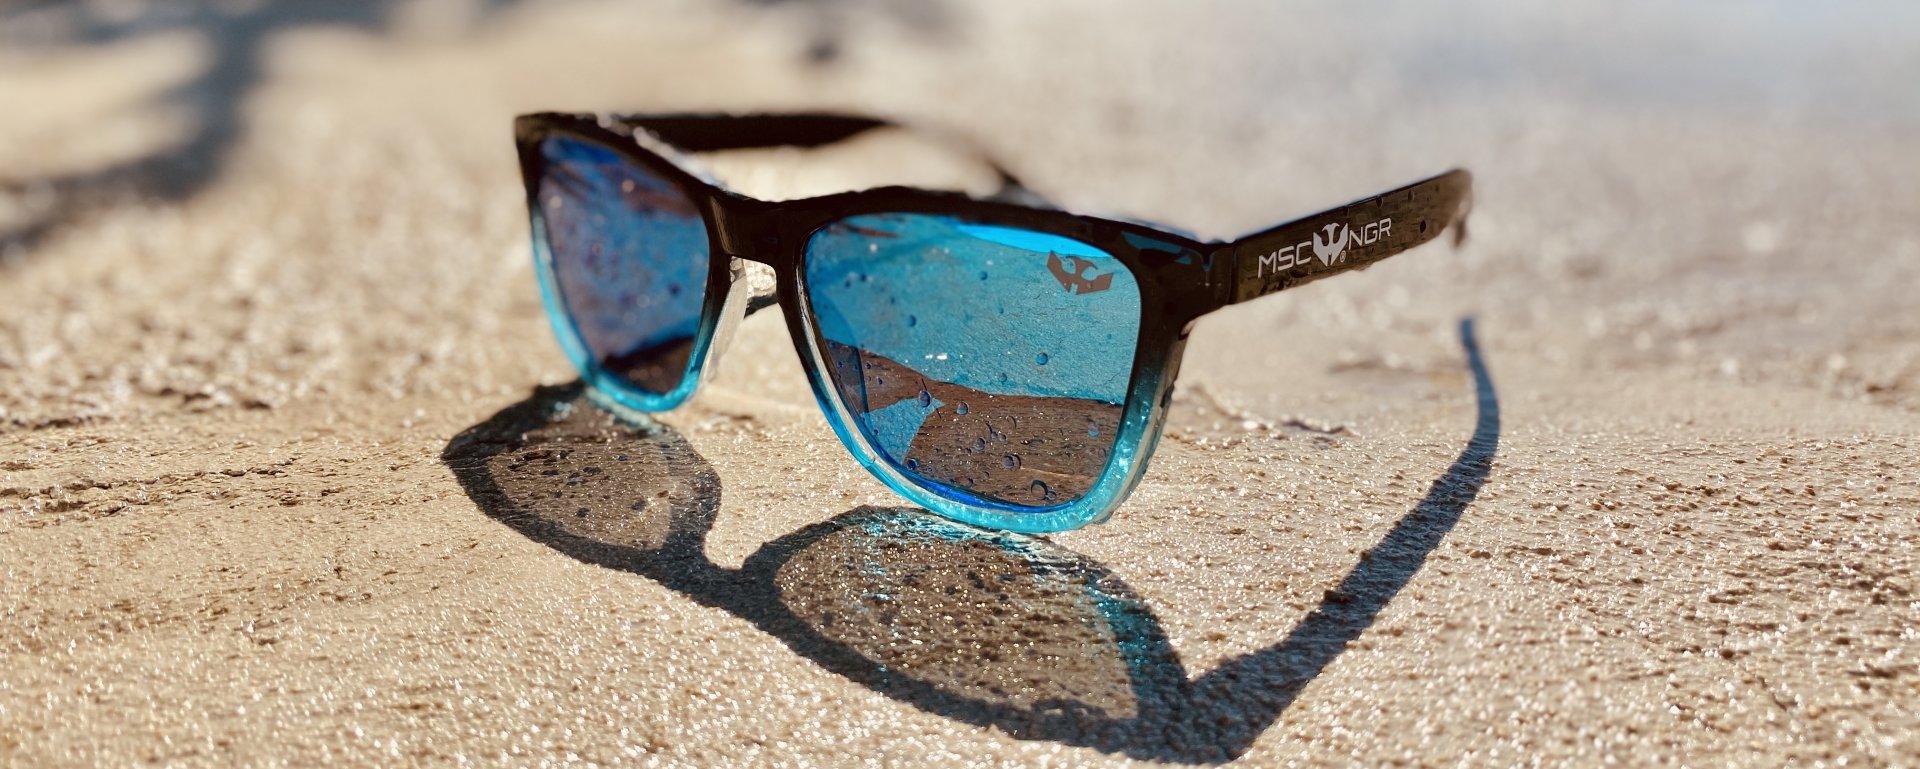 gafas de sol mosca negra polarizadas.jpeg